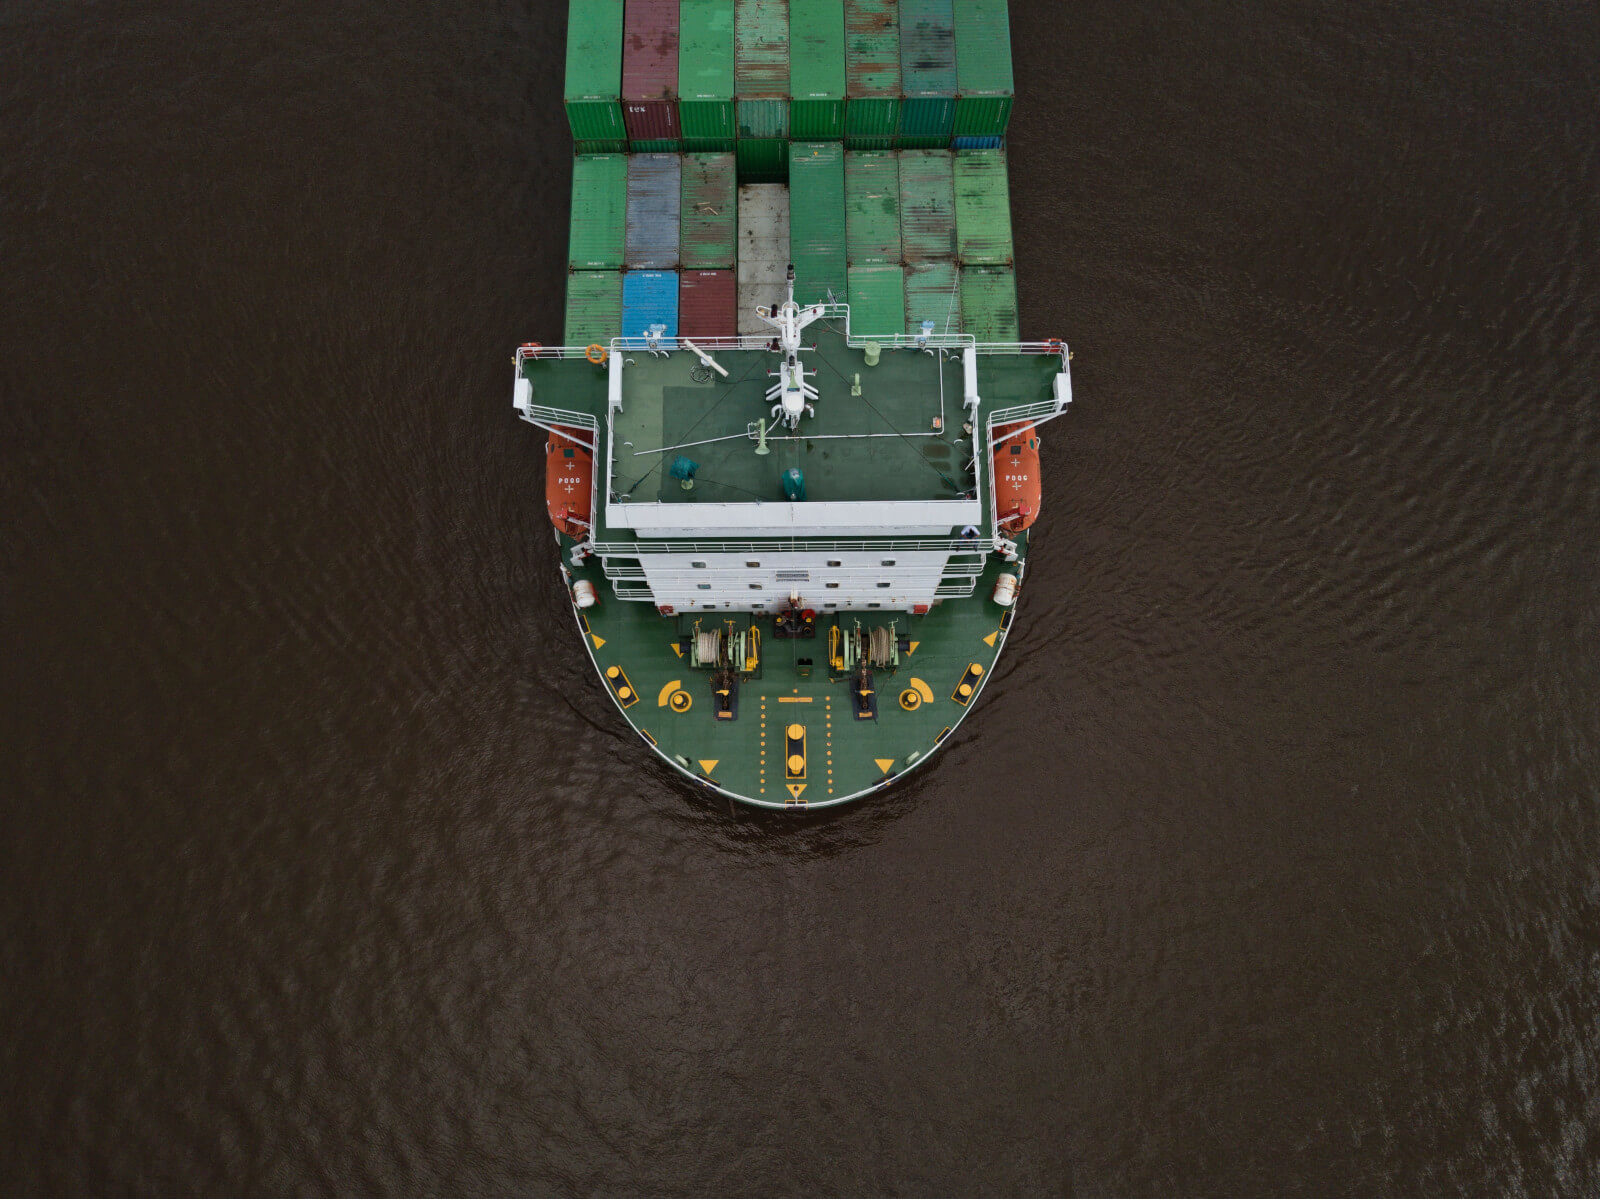 gestión de residuos en un barco